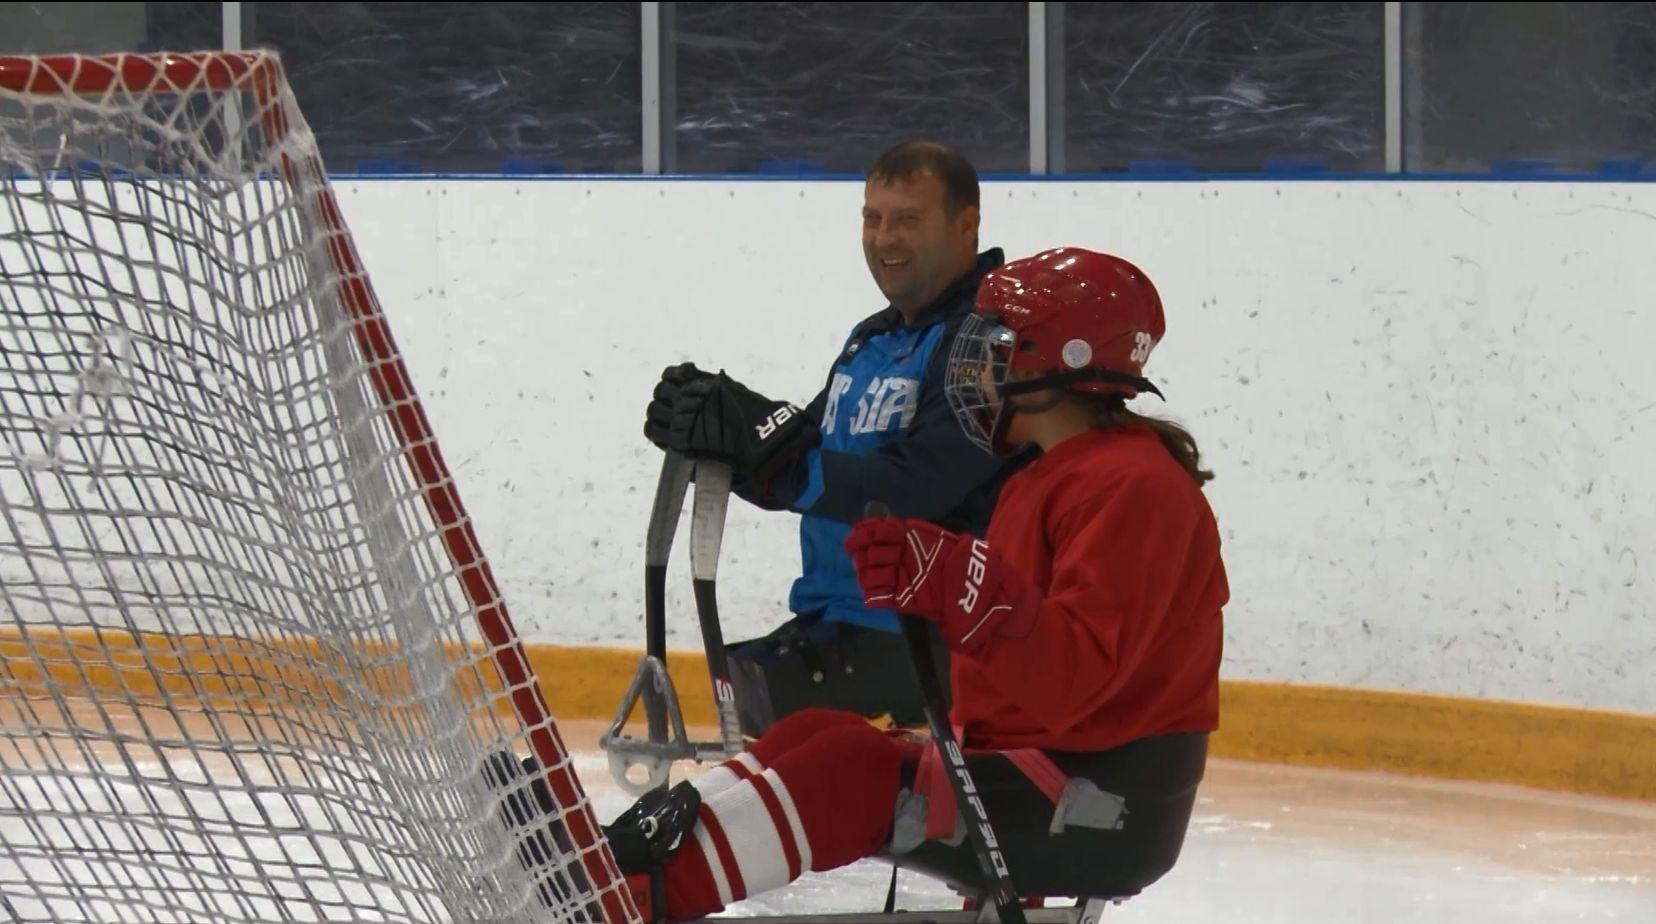 Призёр чемпионата мира Сергей Панфилов тренирует ярославскую команду по следж-хоккею